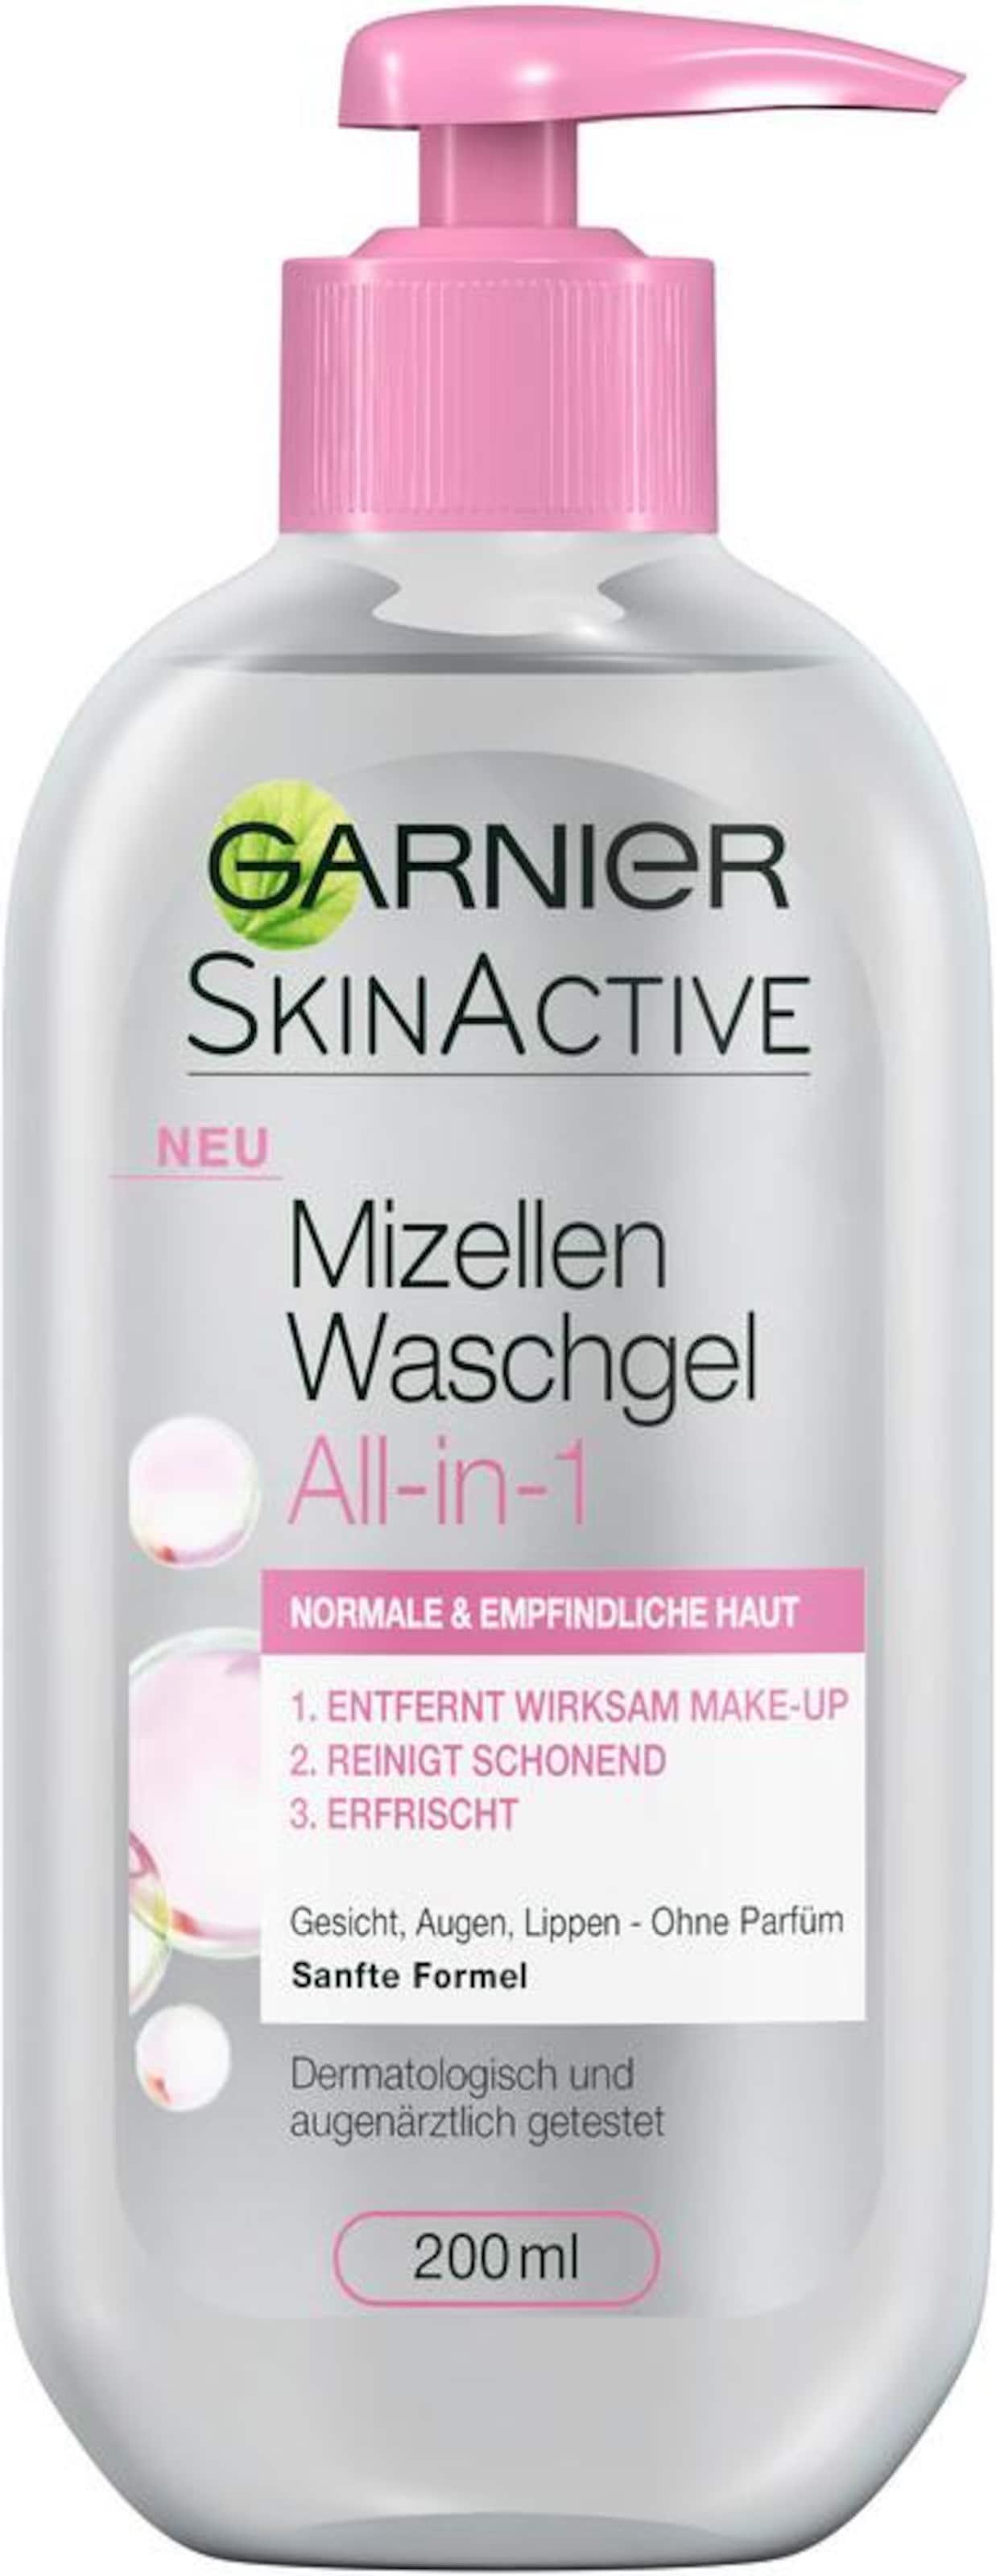 In Transparent Cleansing Garnier 'mizellen Normale Gel Haut'Gesichtsreinigung 4jLR3Aqc5